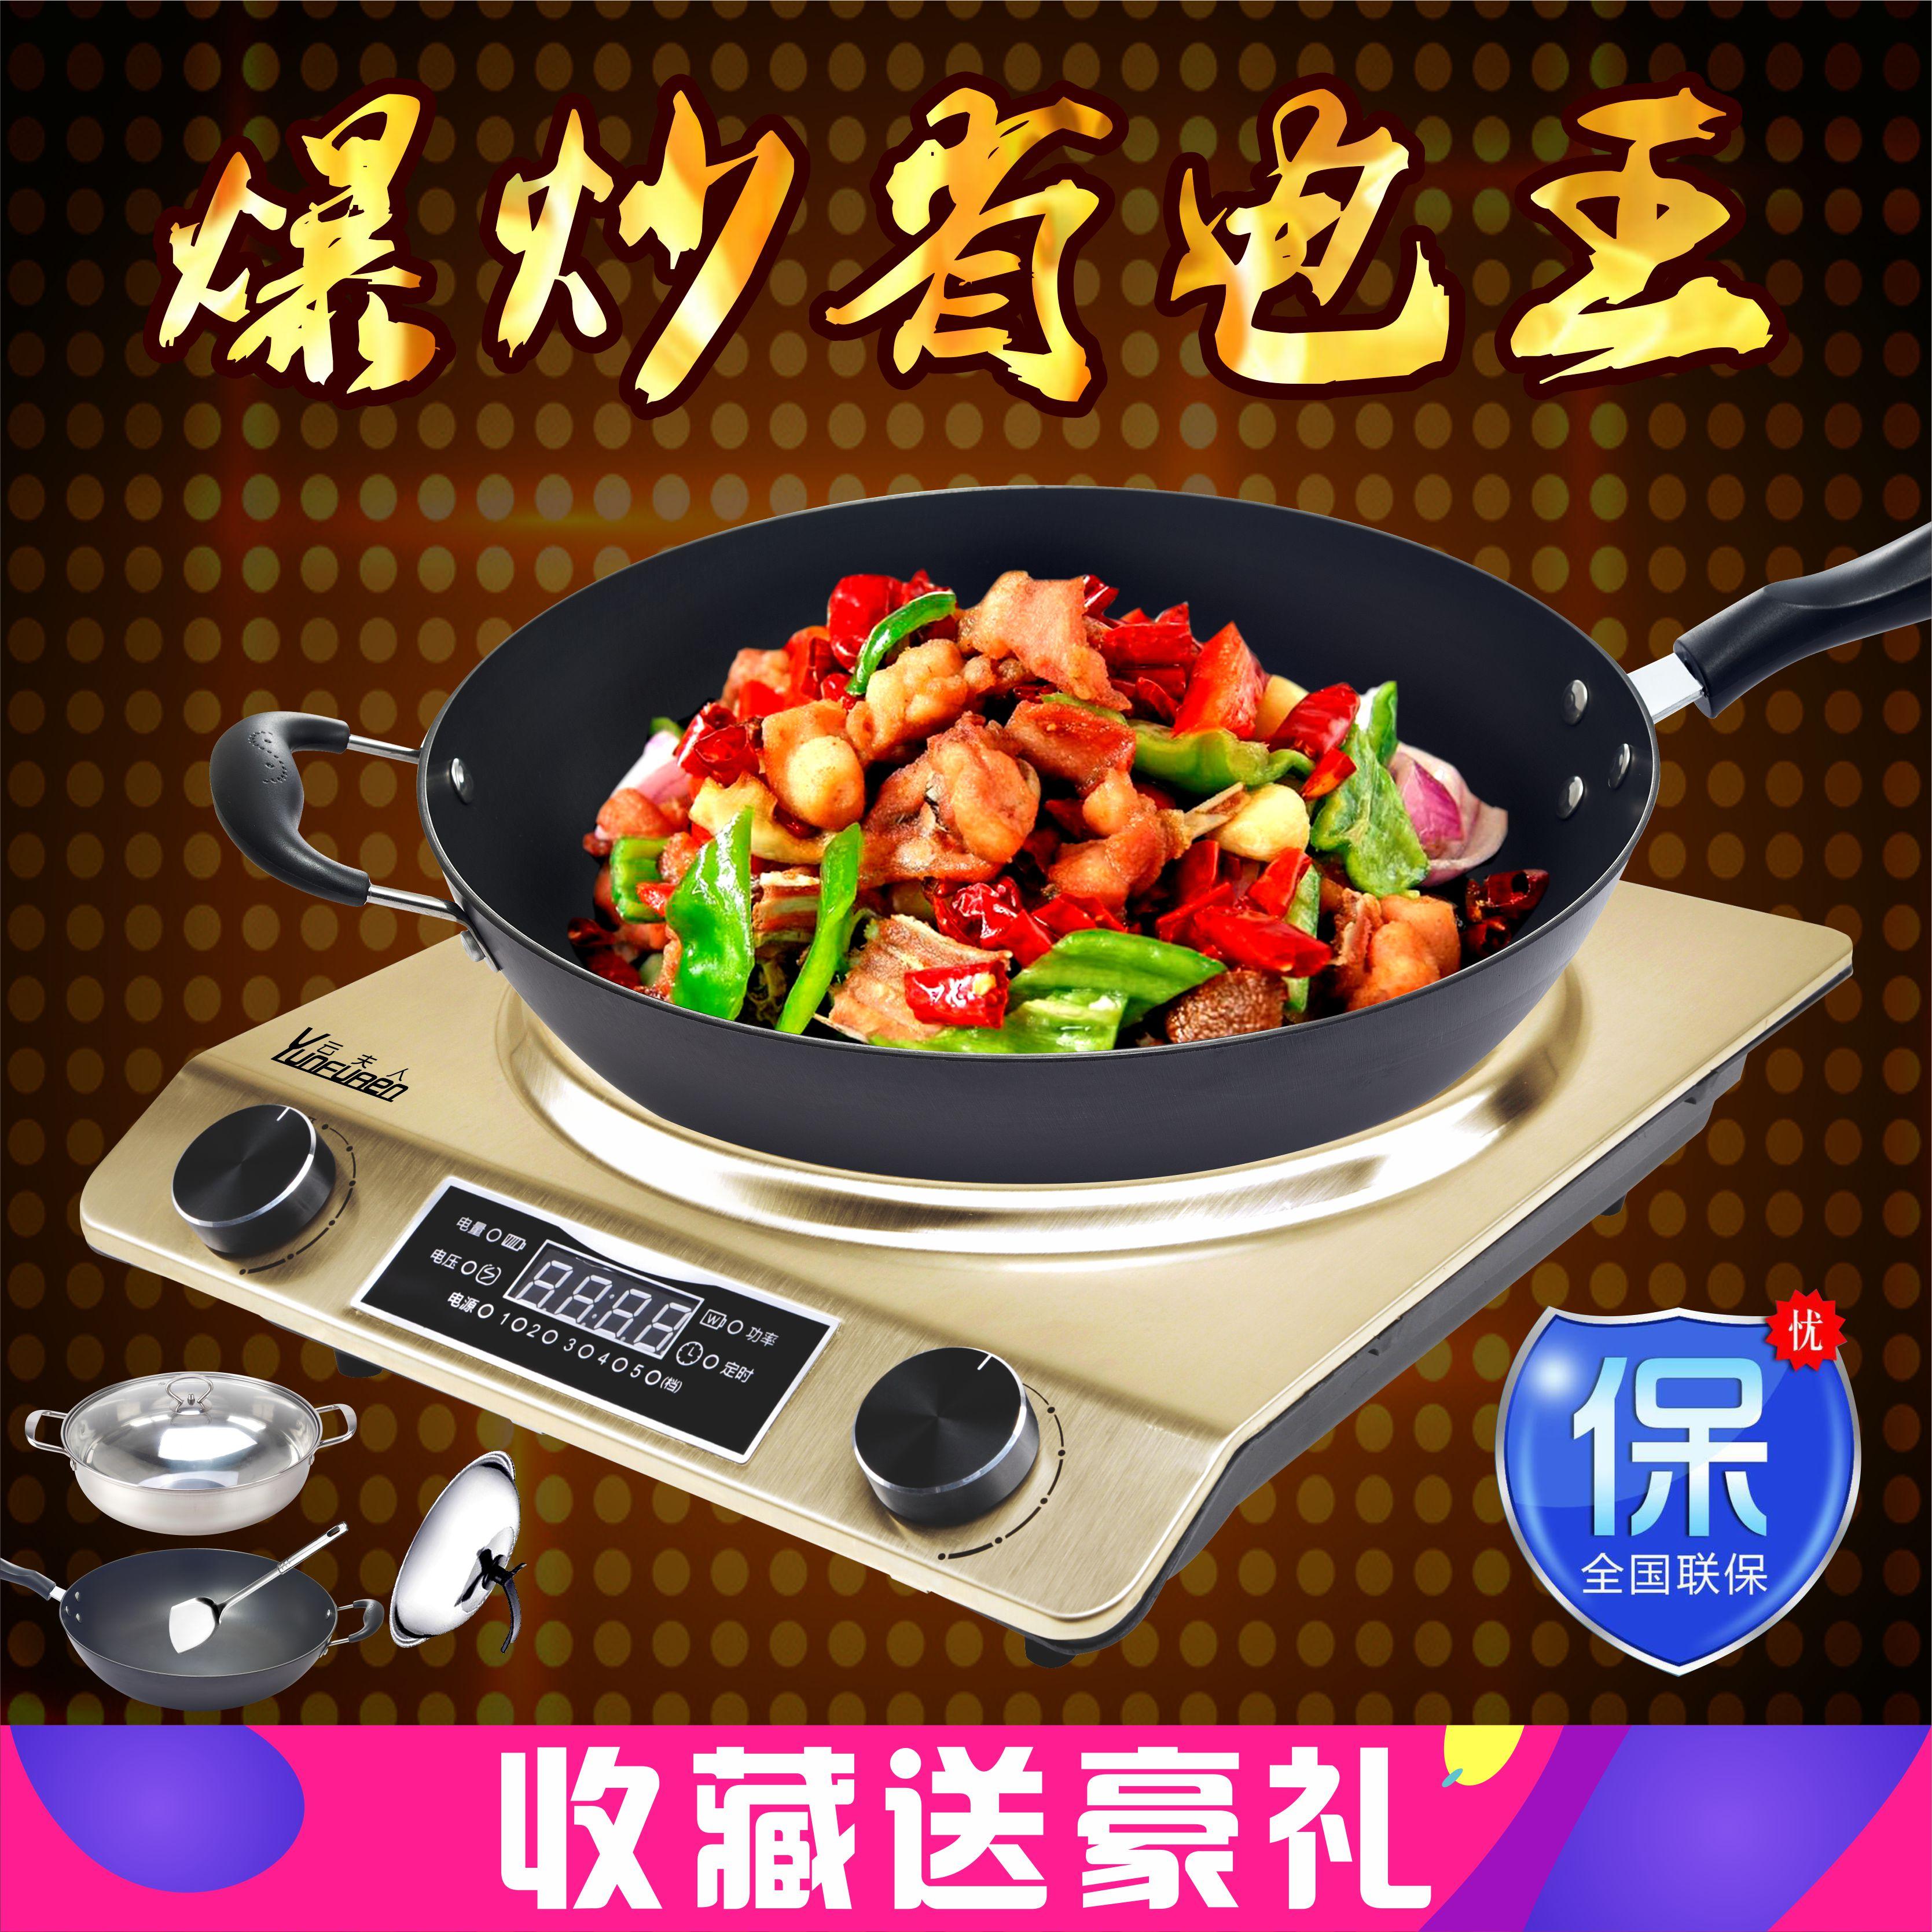 مقعر التعريفي طباخ المنزلية الذكية الخاصة عالية الطاقة بطاريات رقيقة فرن الطبخ منغ شعبية مروان موقد الكهرومغناطيسية